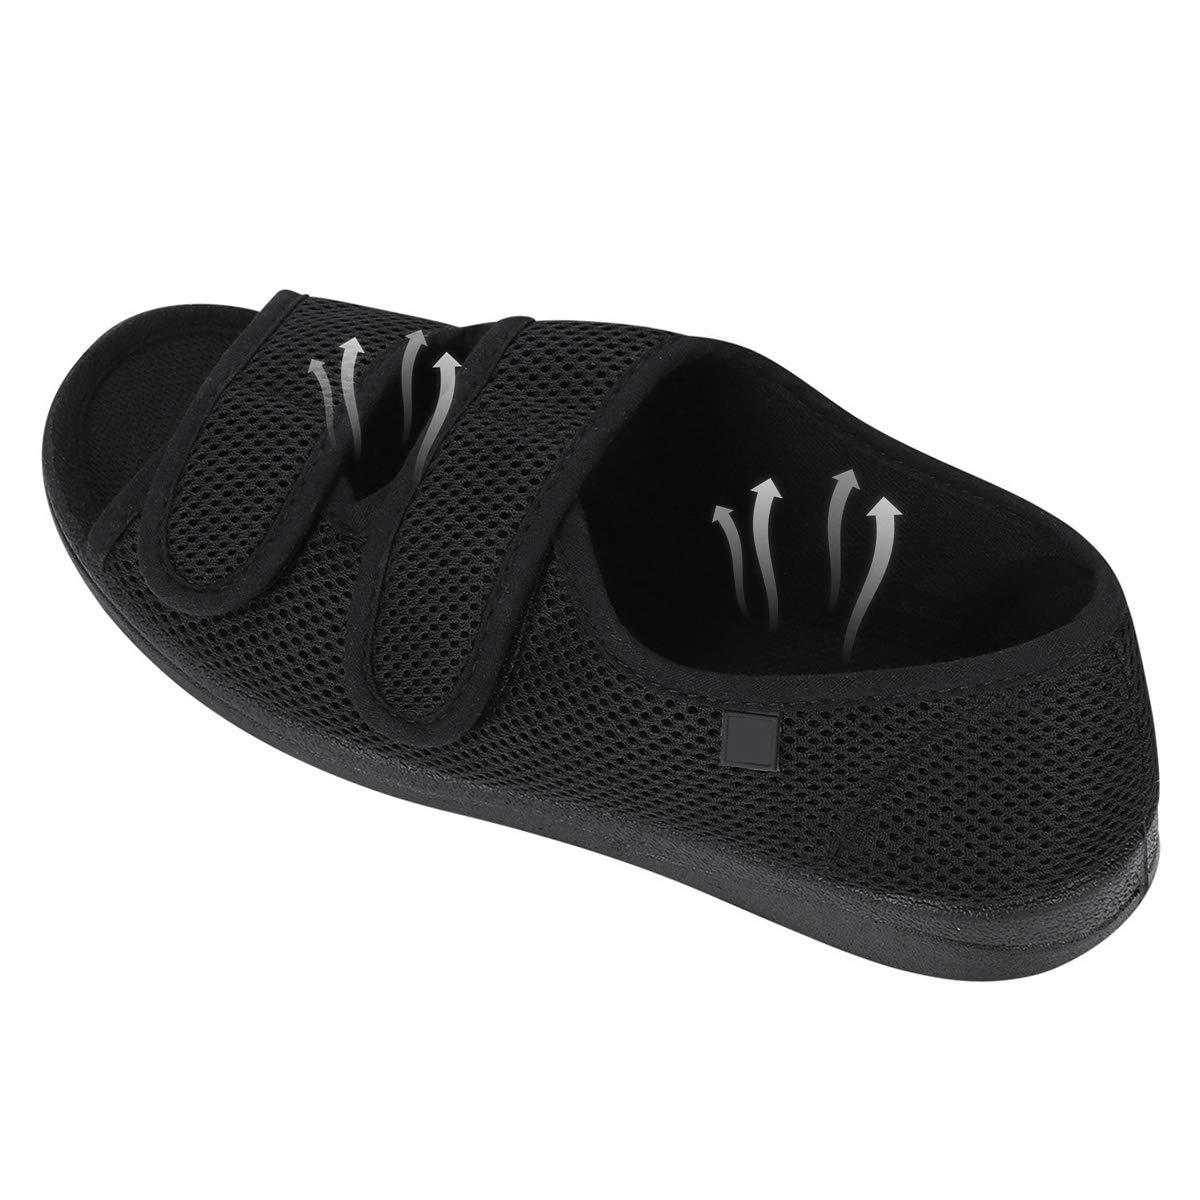 Femme Chaussons Diab/étiques Chaussure R/églable Orthop/édique Sandales Bout Ouvert Large Chausson Fermeture Scratch pour Personne /Âg/ée Pieds Gonfl/és Arthrite Oed/ème Swollen Pantoufle Int/érieur Ext/é